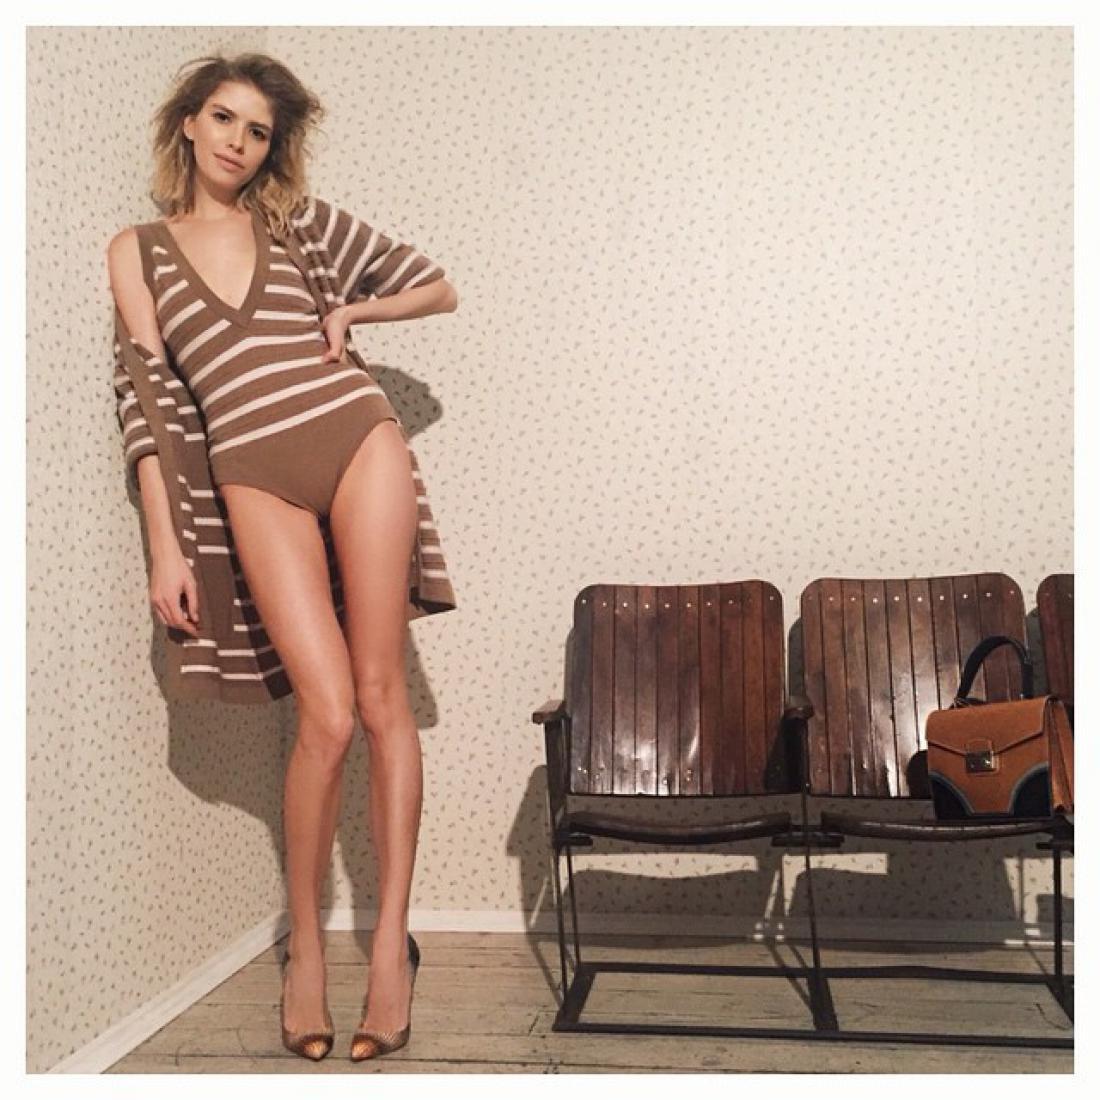 Бесконечные ноги и наряды Chanel: Перминова в съемке для журнала Собчак